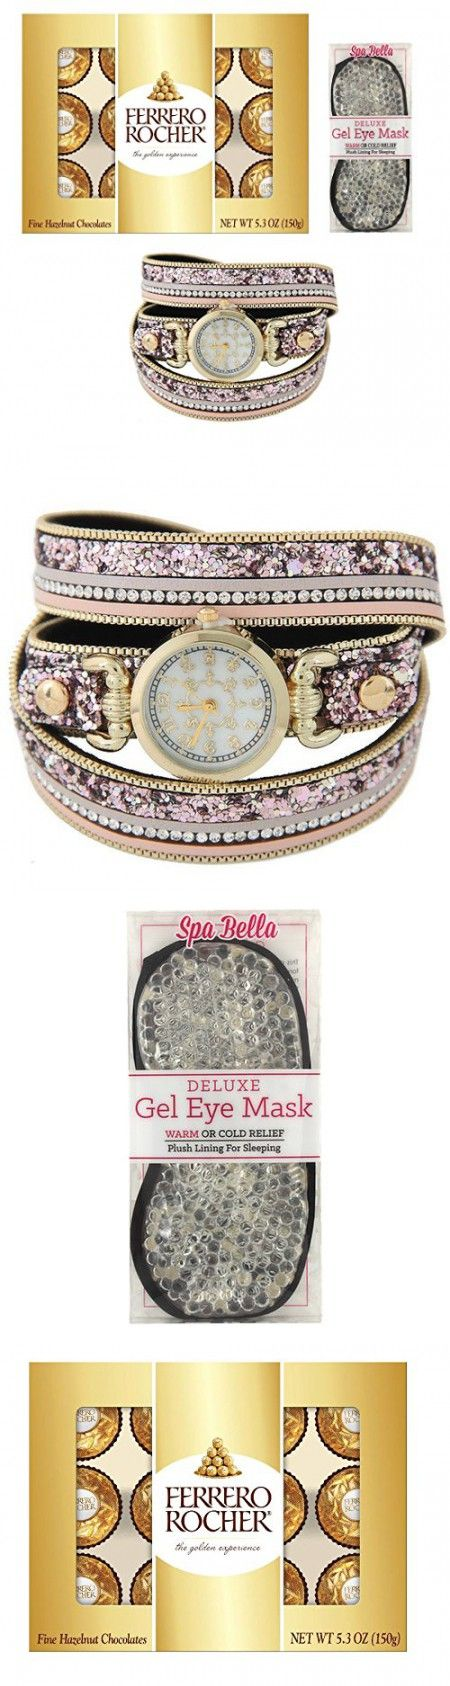 Cute Lady Gift Set Includes Ferrero Rocher Chocolates, Spa Bella Gel Eye Mask, And Fashion Watch